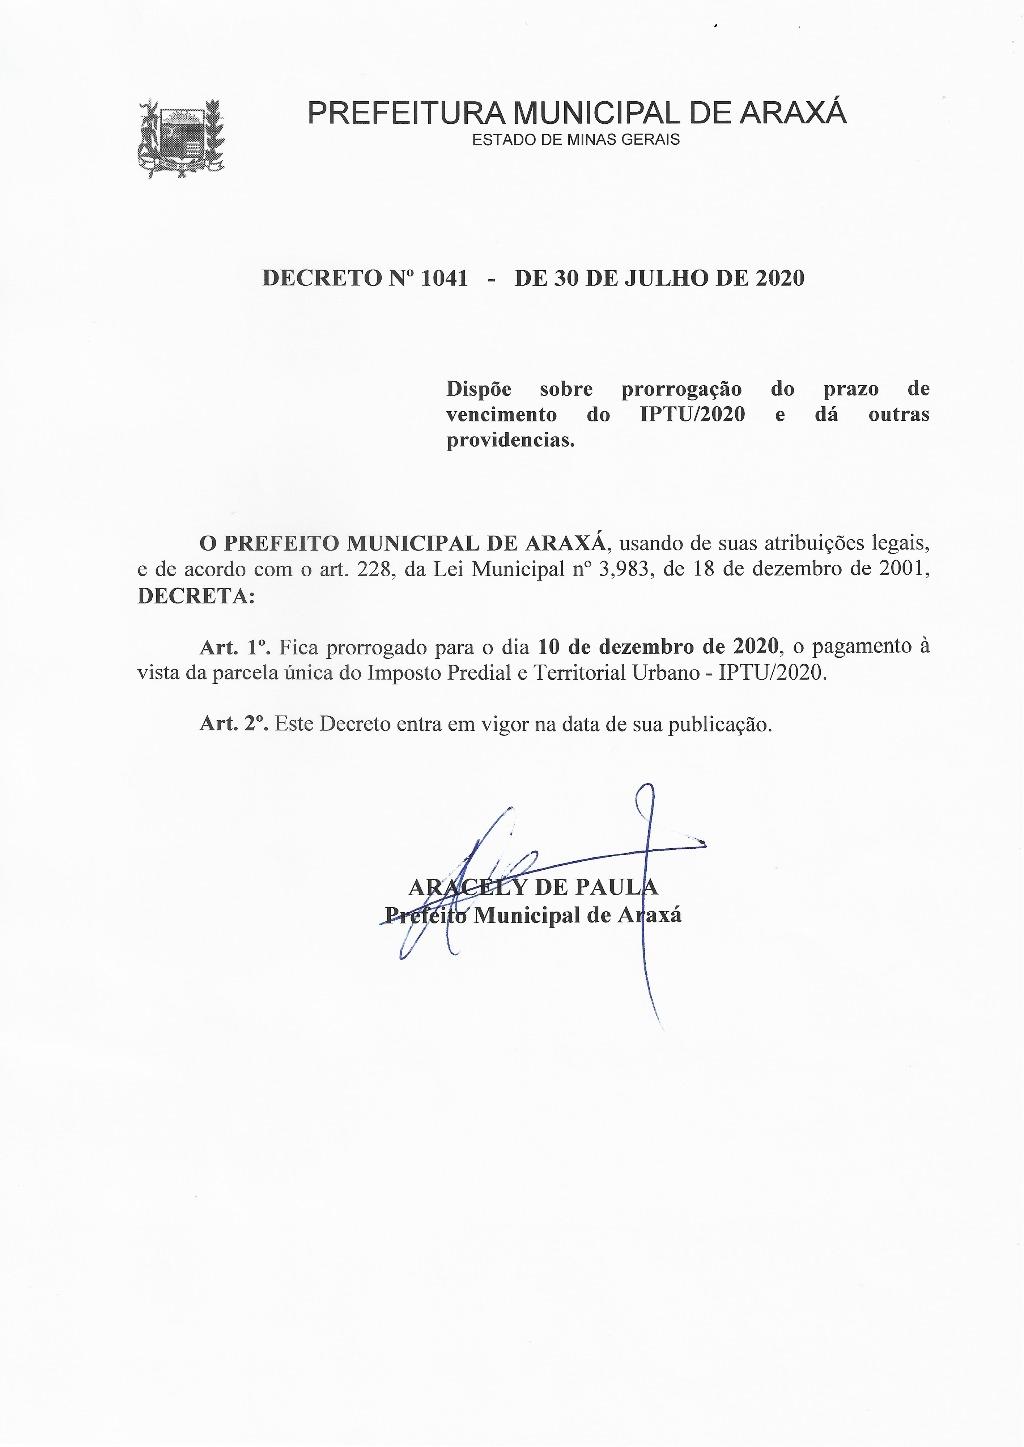 Parcela única do IPTU pode ser paga até o dia 10 de dezembro 1